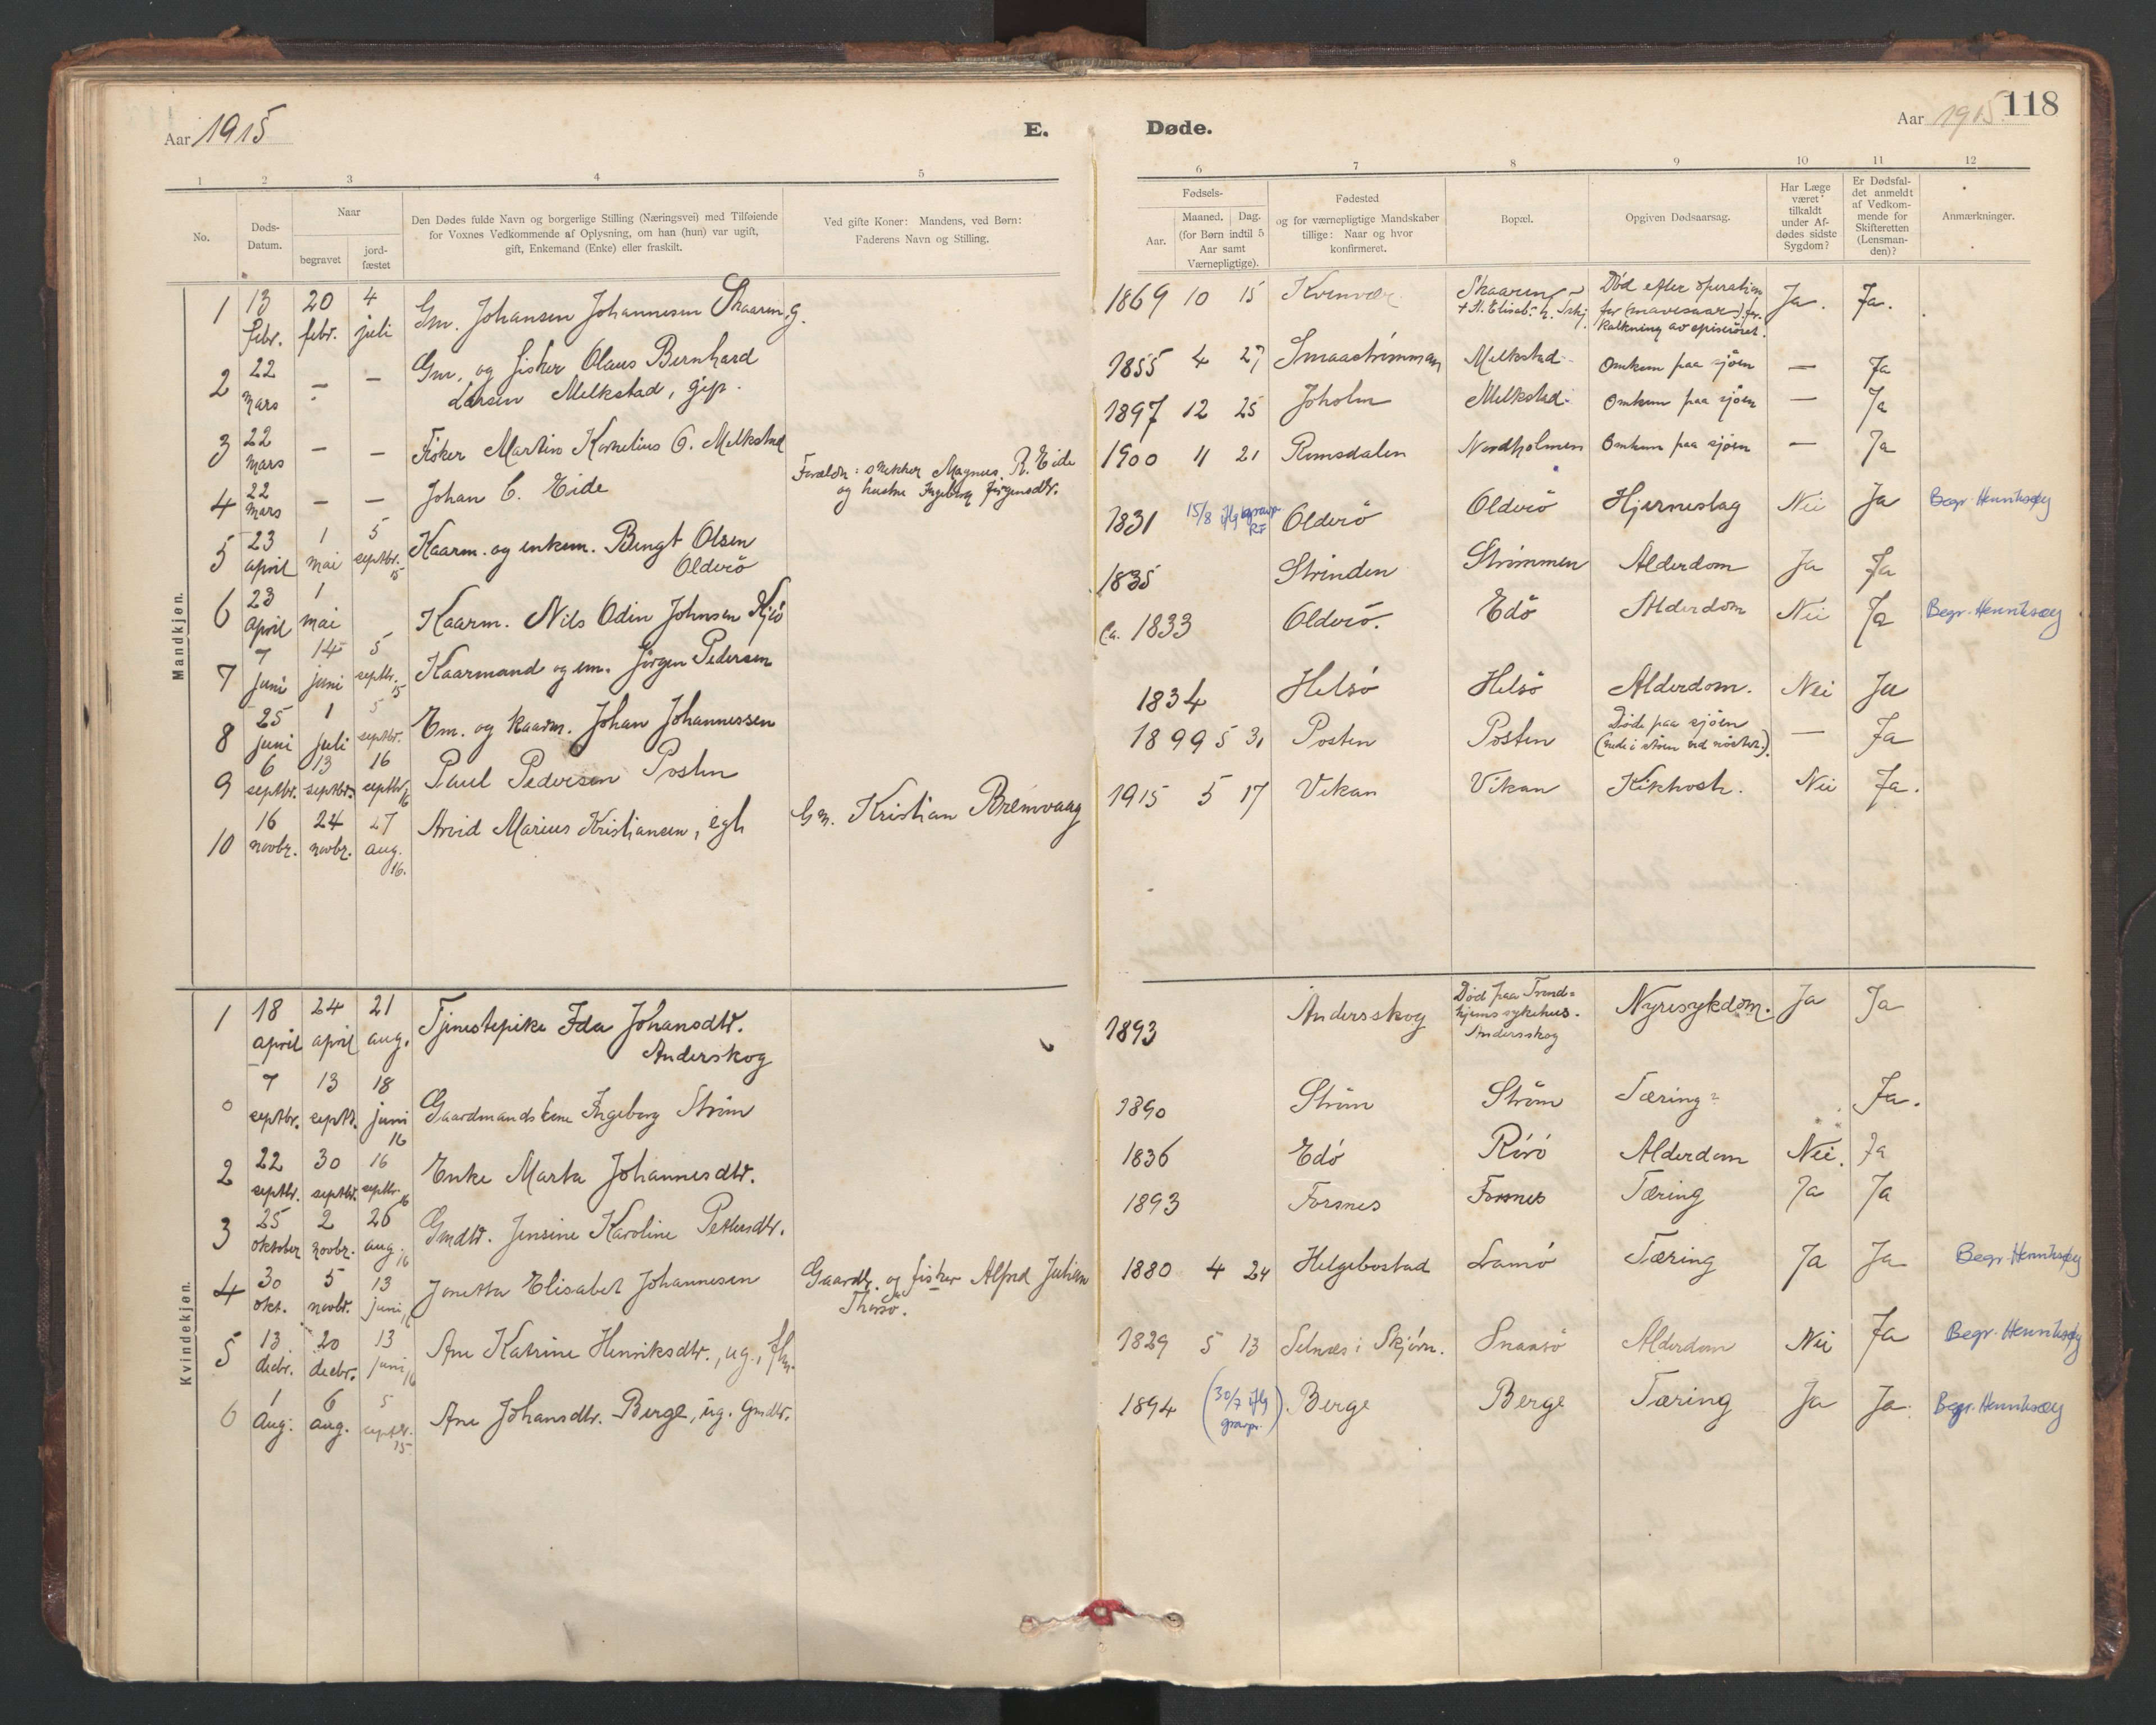 SAT, Ministerialprotokoller, klokkerbøker og fødselsregistre - Sør-Trøndelag, 635/L0552: Ministerialbok nr. 635A02, 1899-1919, s. 118